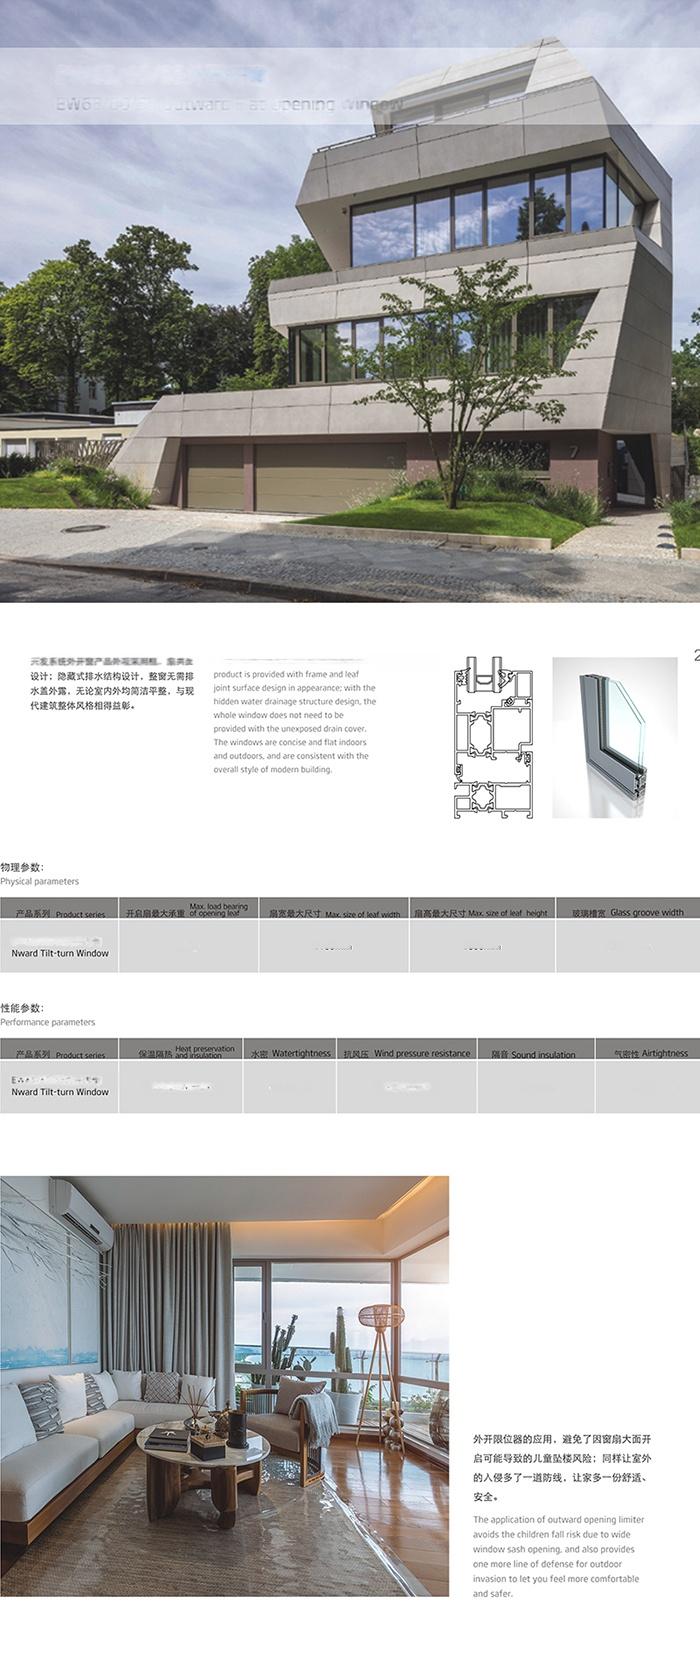 广东兴发系统门窗EW65、60、55外平开窗110853002